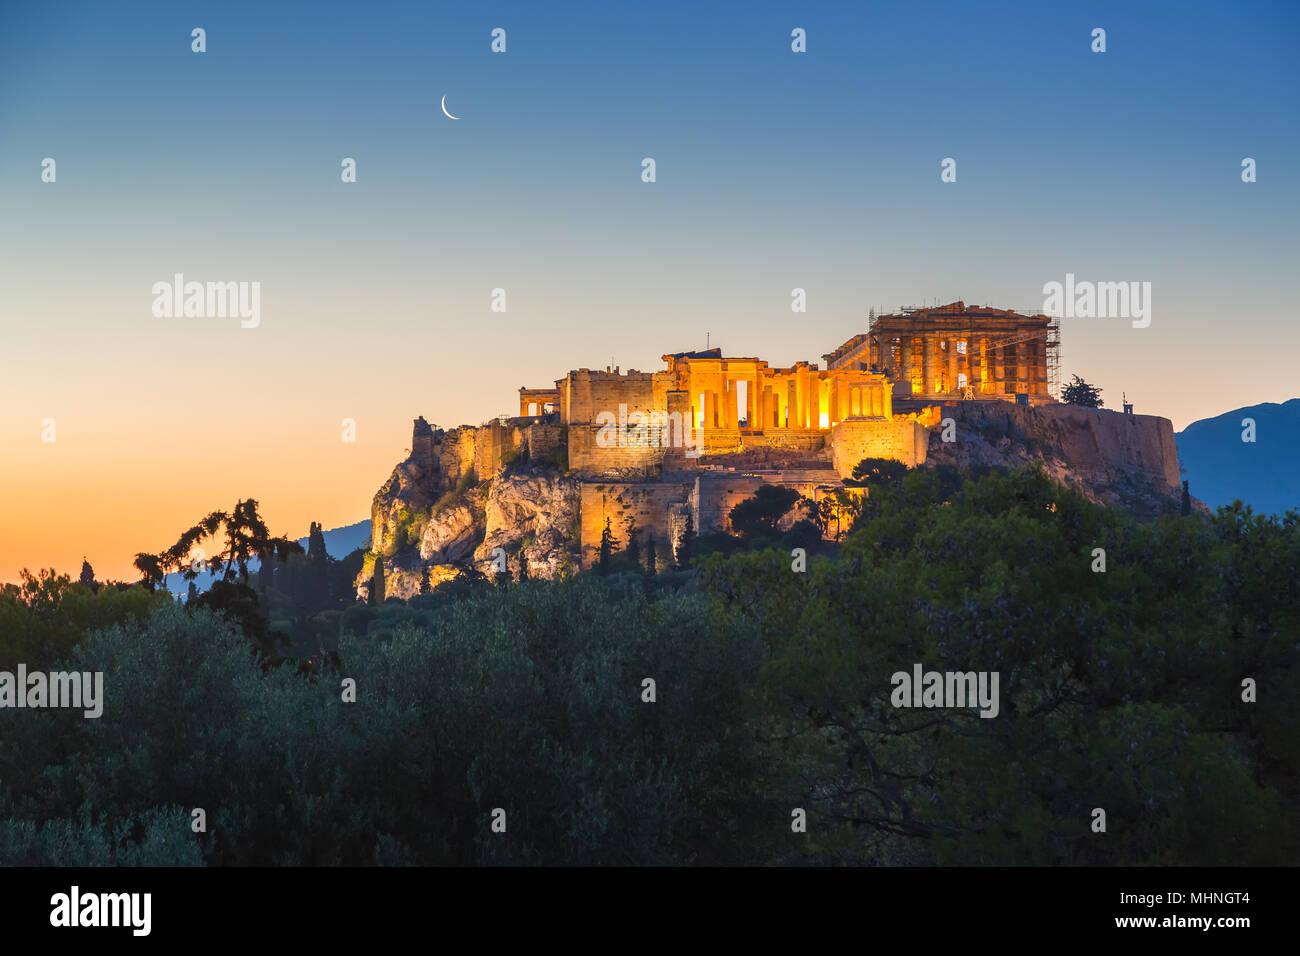 Sunrise over Parthenon, Acropolis of Athens, Greece Stock Photo